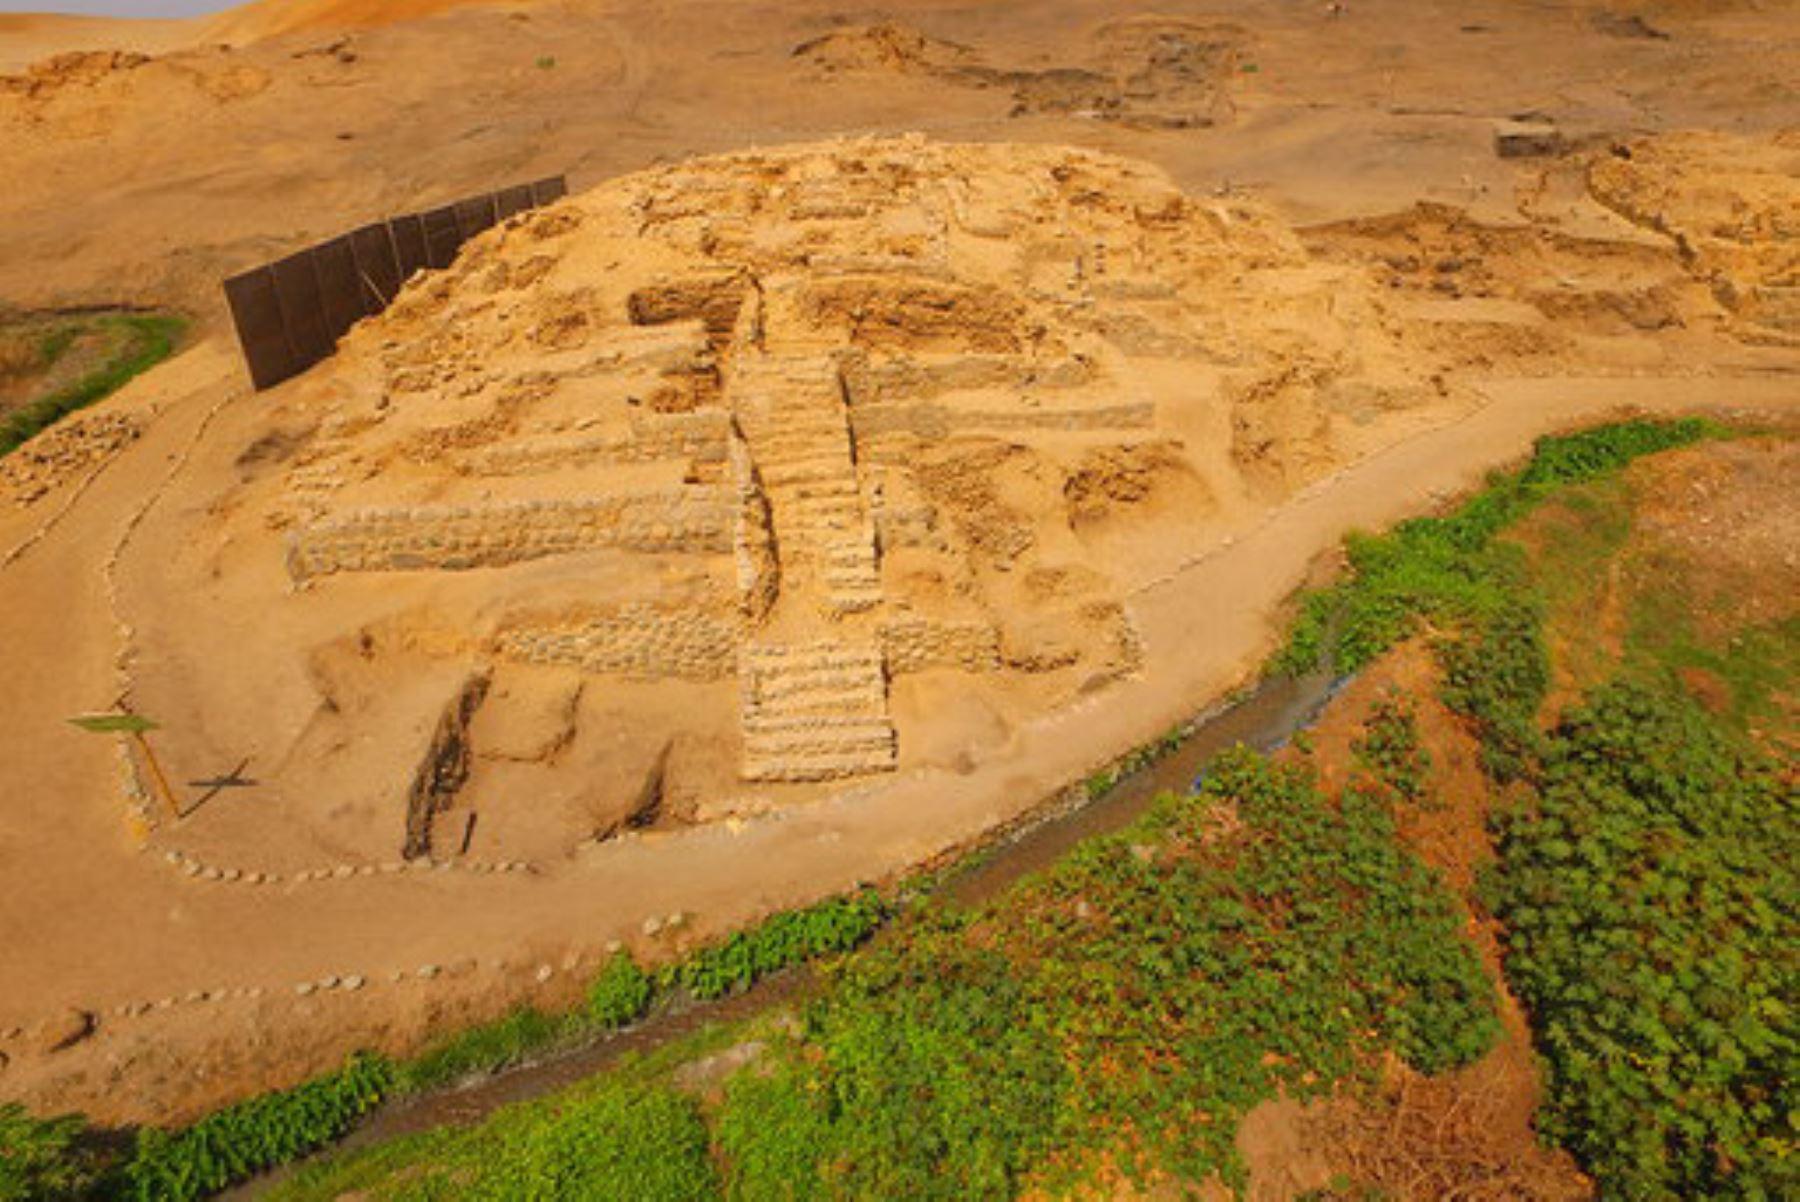 El sitio arqueológico Áspero, la ciudad pesquera de la civilización Caral, celebrará su 14º aniversario este 26 y 27 de abril.